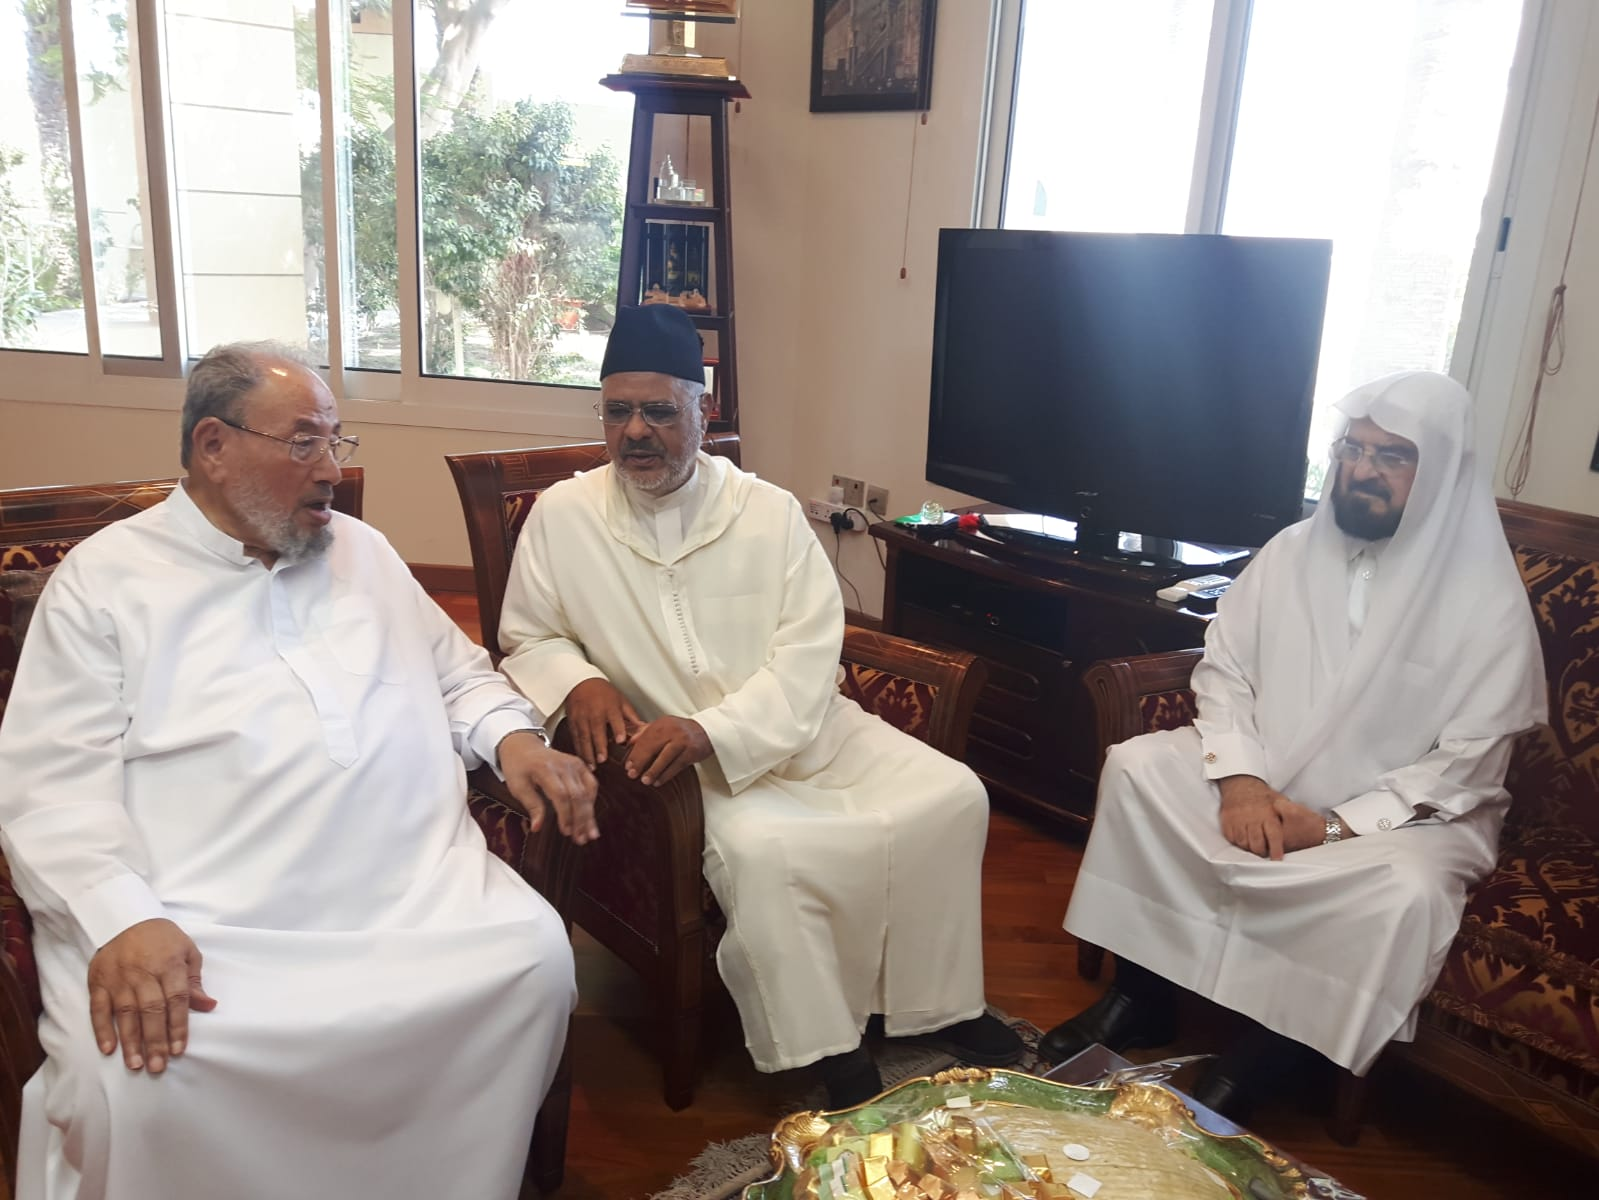 Al-Qaradawi, Al-Rissouni et Al-Qarah Daghi lors d'une rencontre amicale sur les problèmes de la Ummah